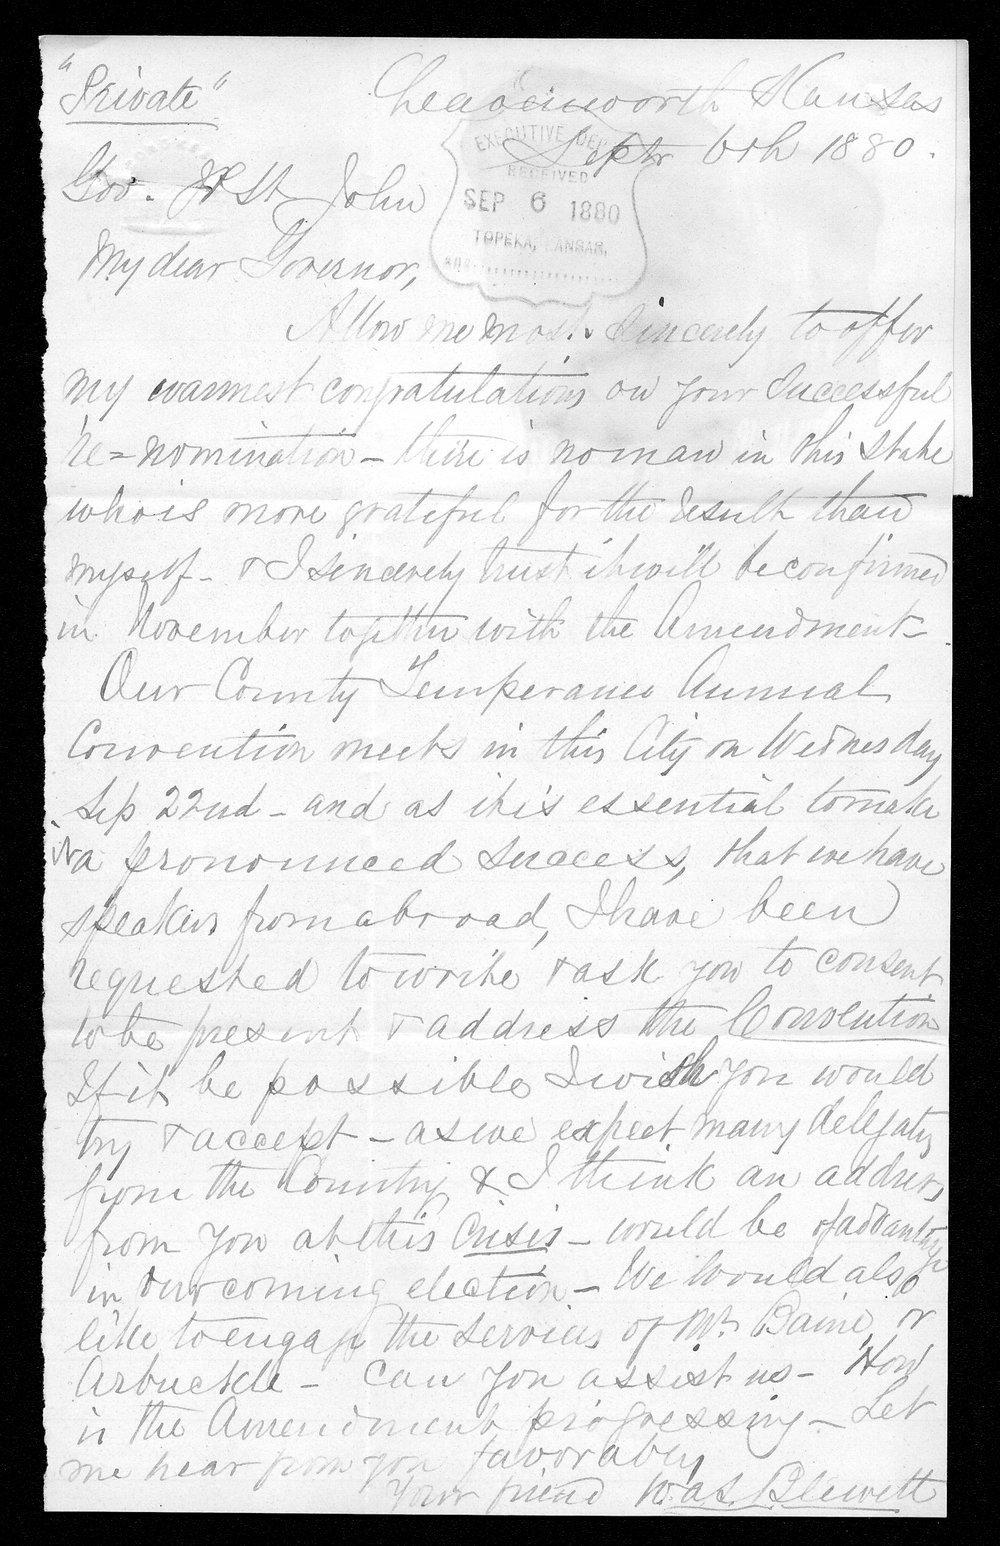 W. A. S. Blewett to Governor John St. John